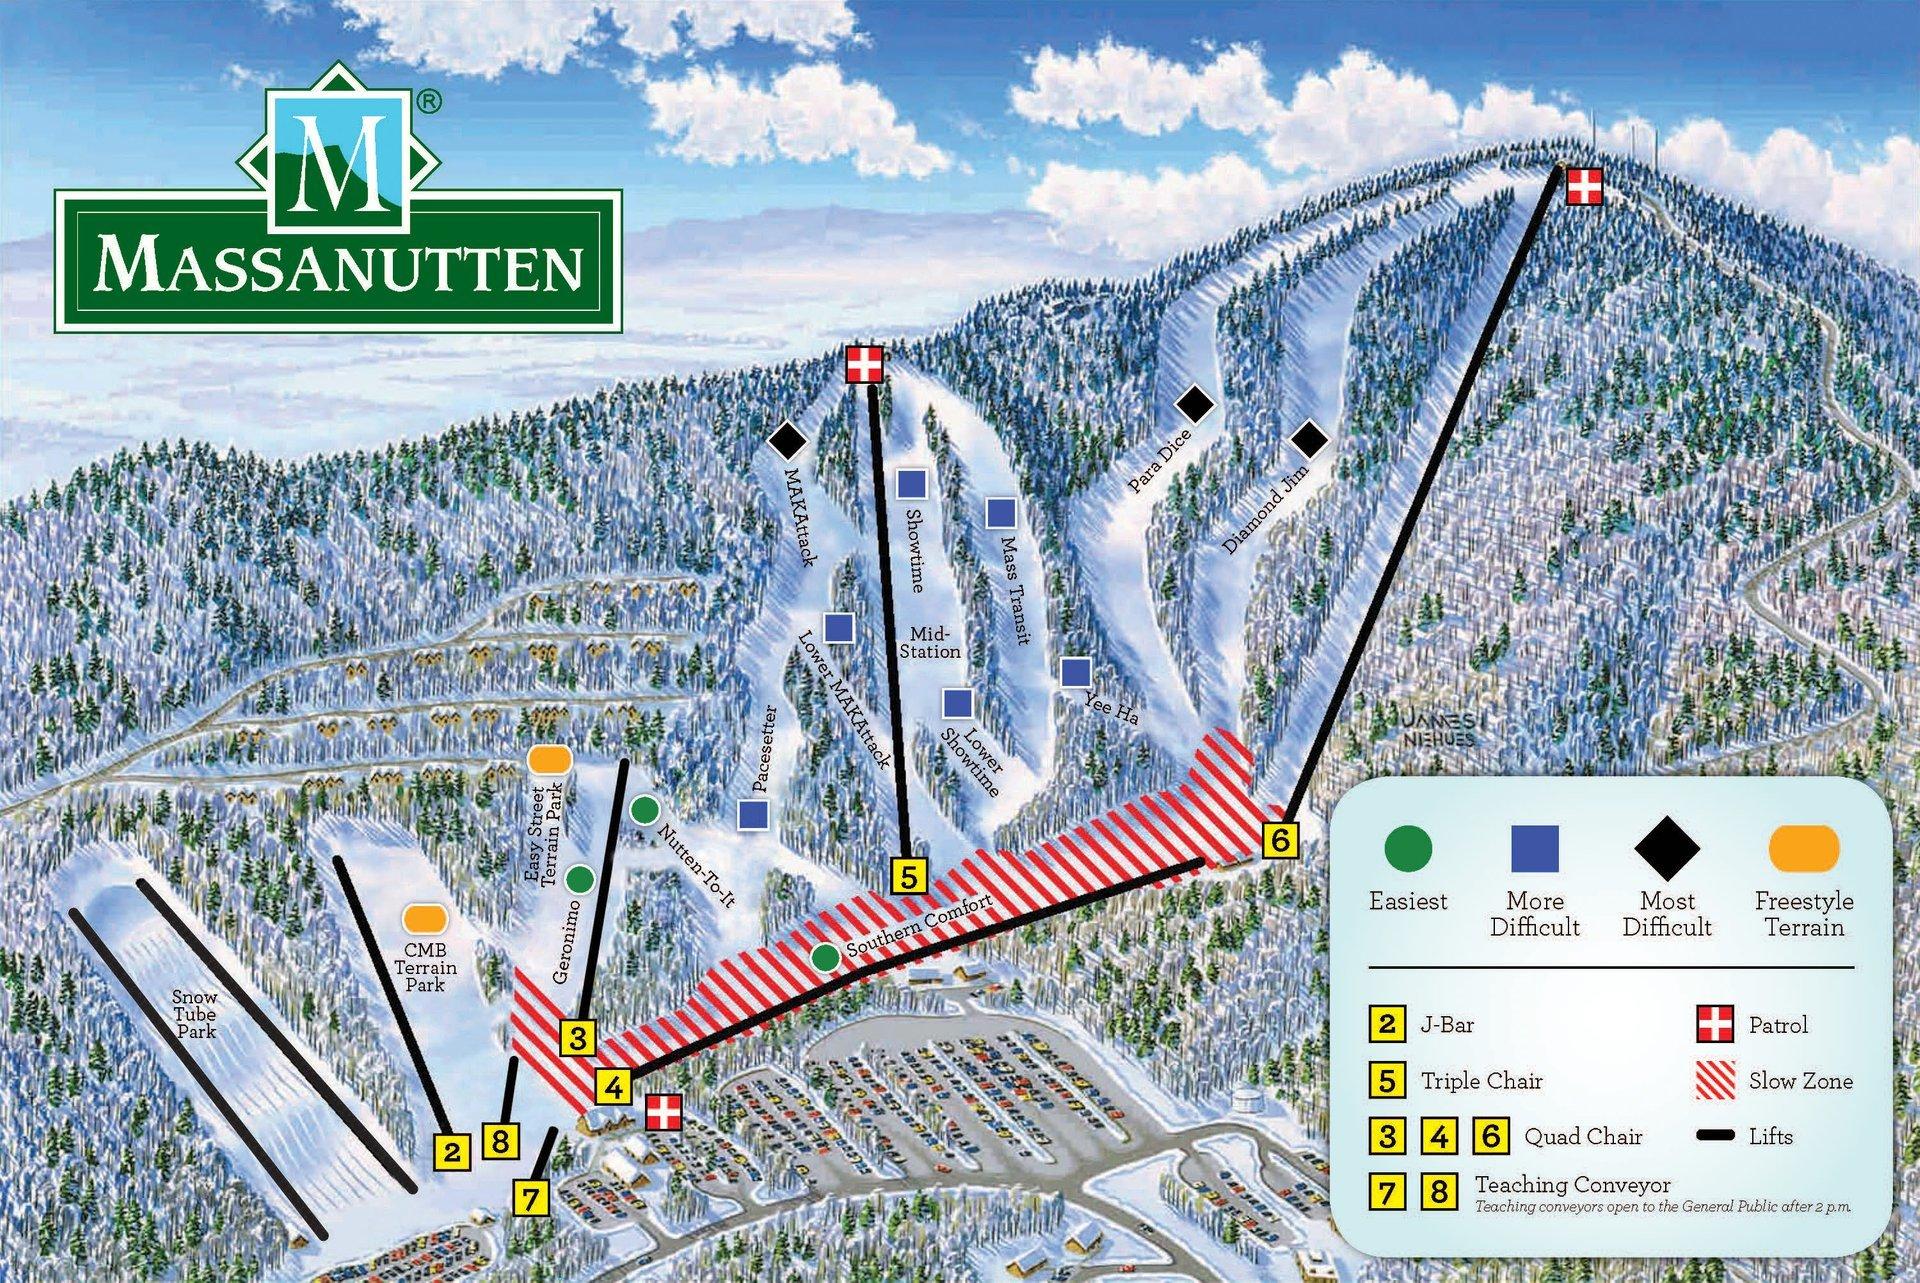 Skiing and Snowboarding in Virginia - Best Season 2020